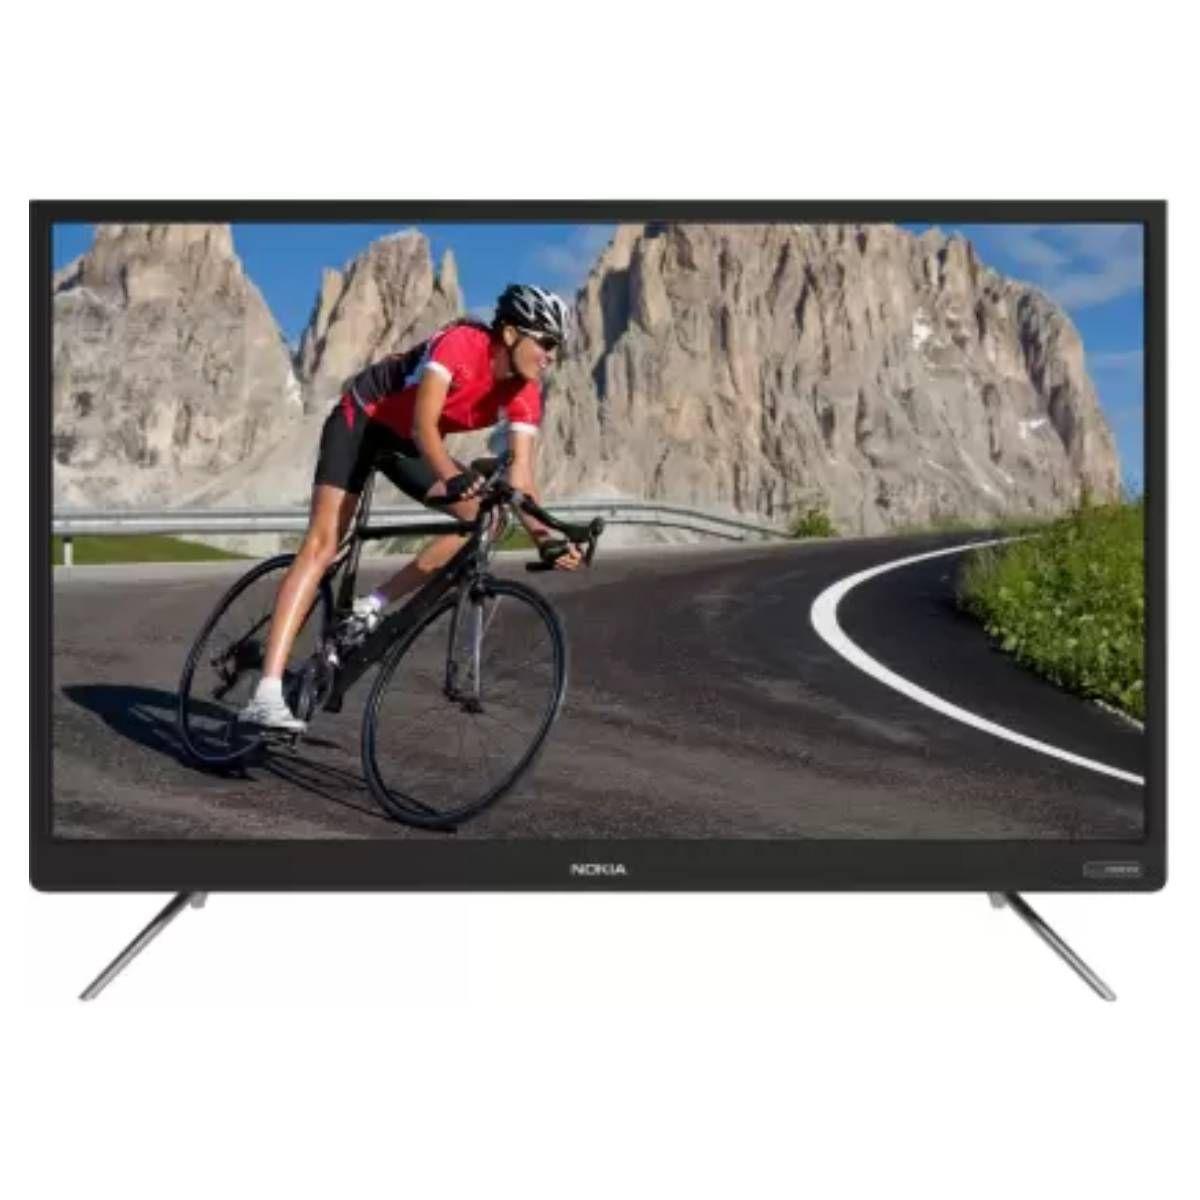 ನೋಕಿಯಾ 32-inch HD LED Smart ಆ್ಯಂಡ್ರಾಯ್ಡ್ TV (32TAHDN)